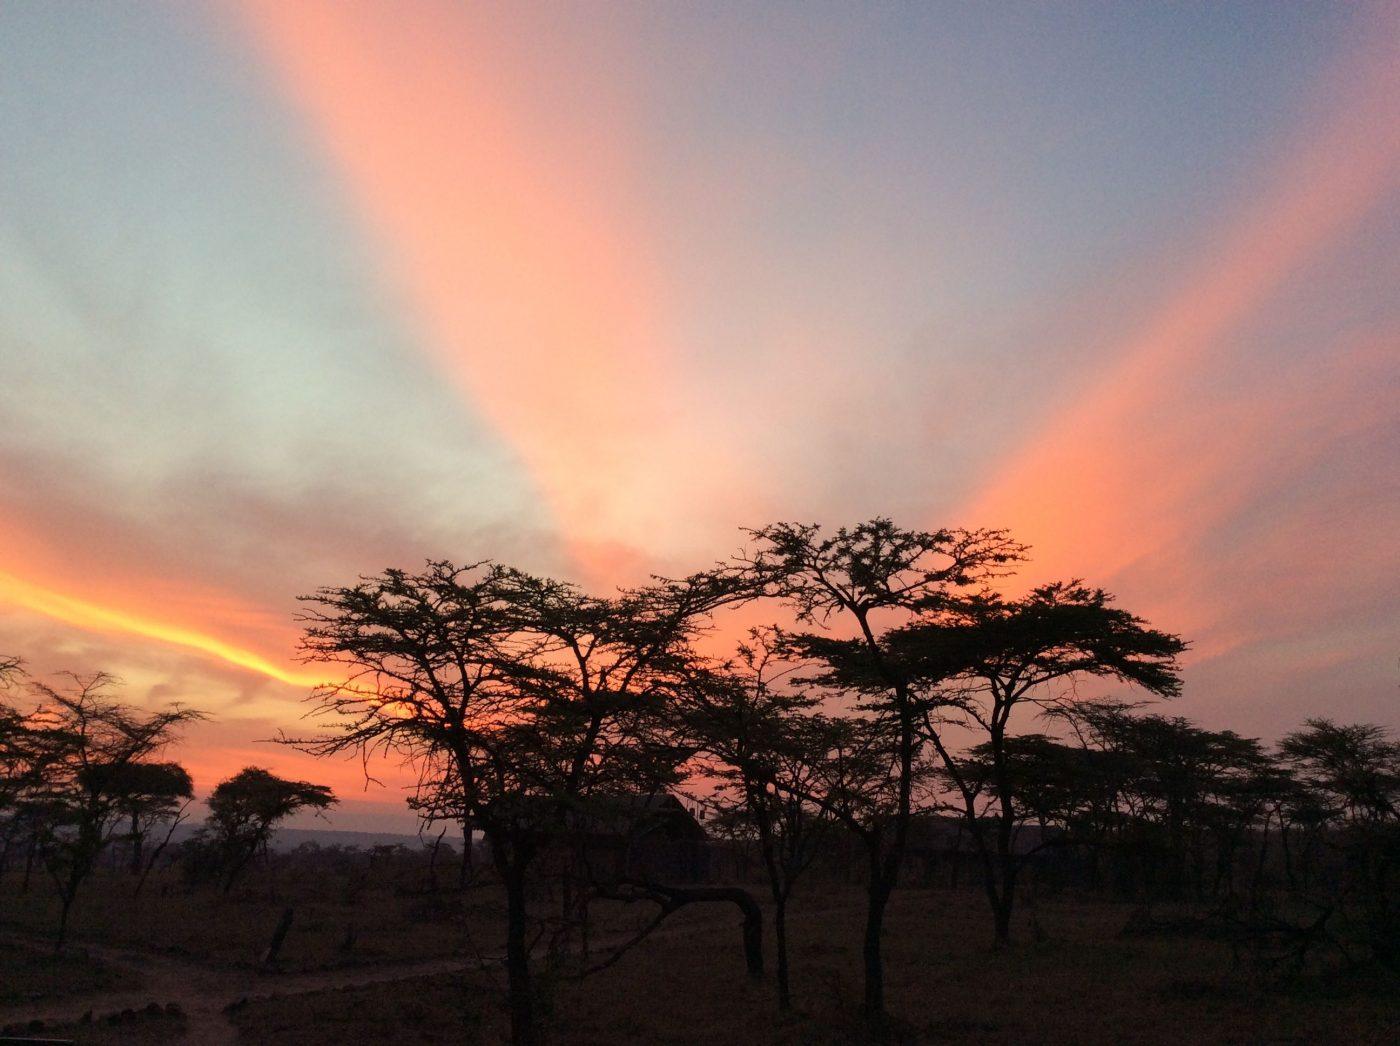 Safari Lodges in Kenya: Afircan sunset